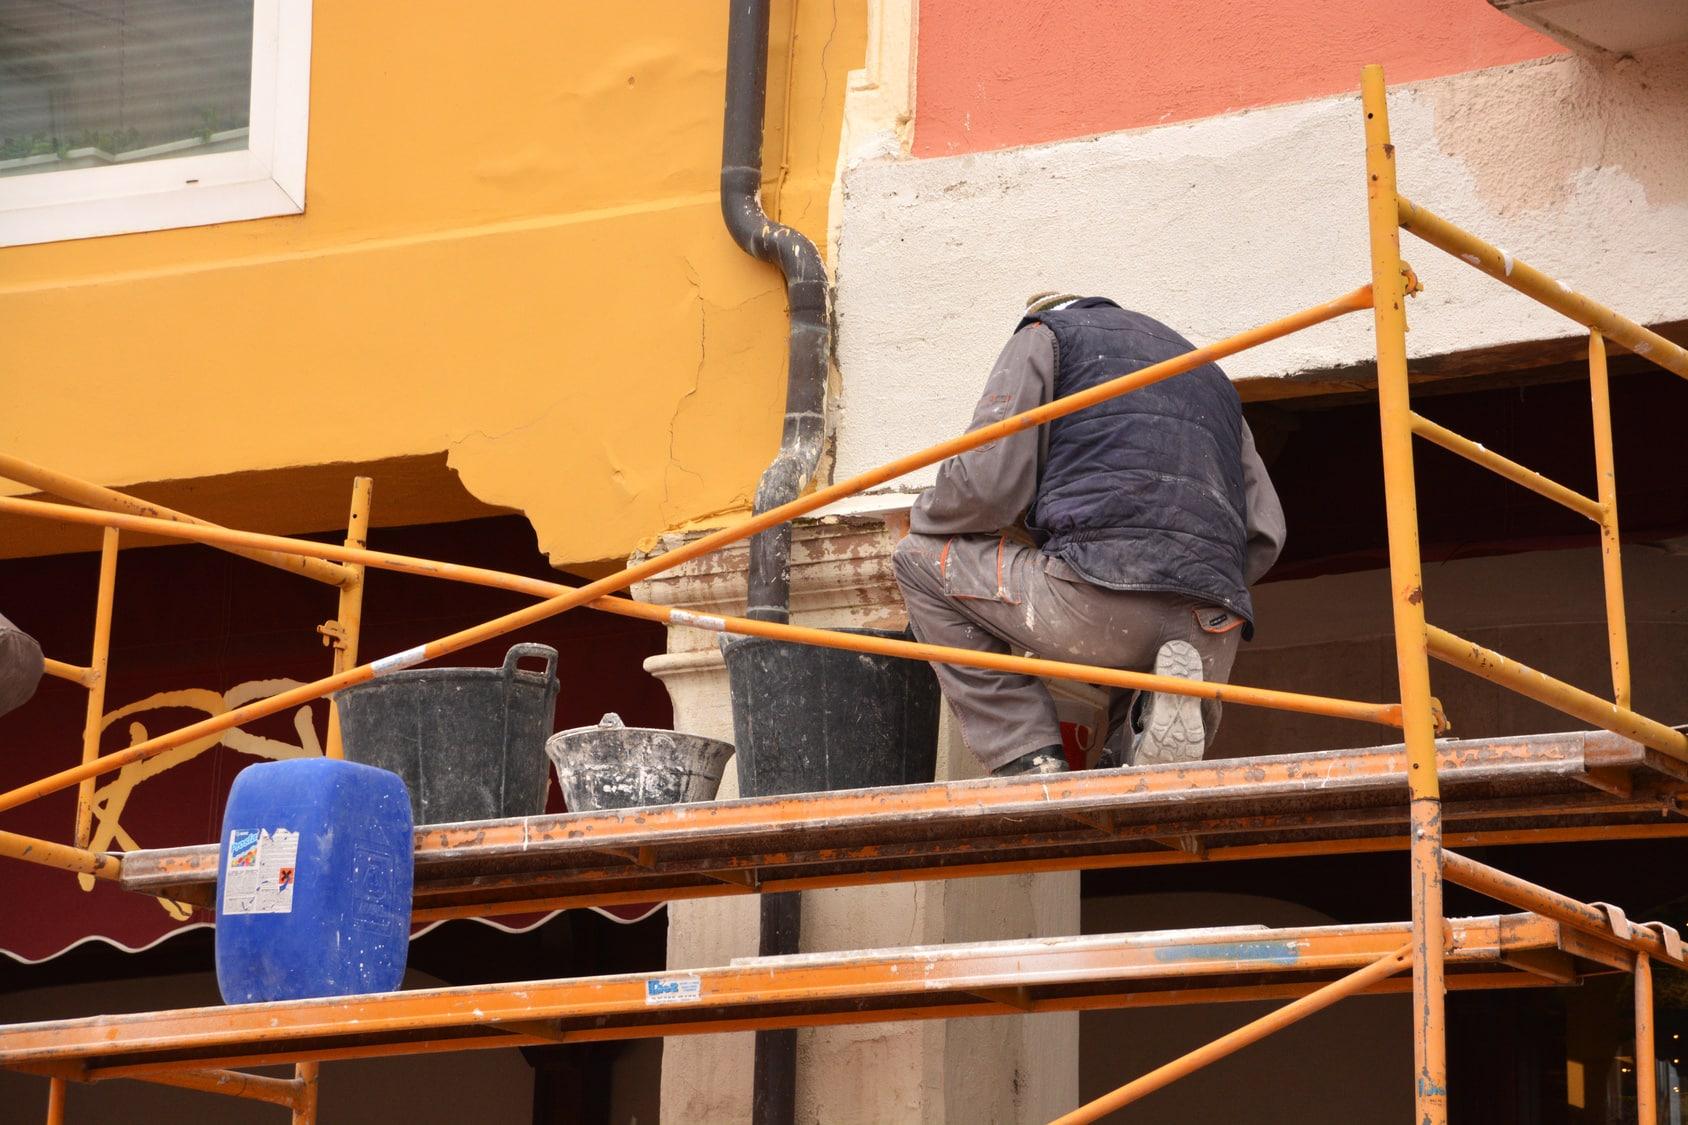 Peut-on utiliser n'importe quelle couleur pour repeindre la façade d'une maison ?